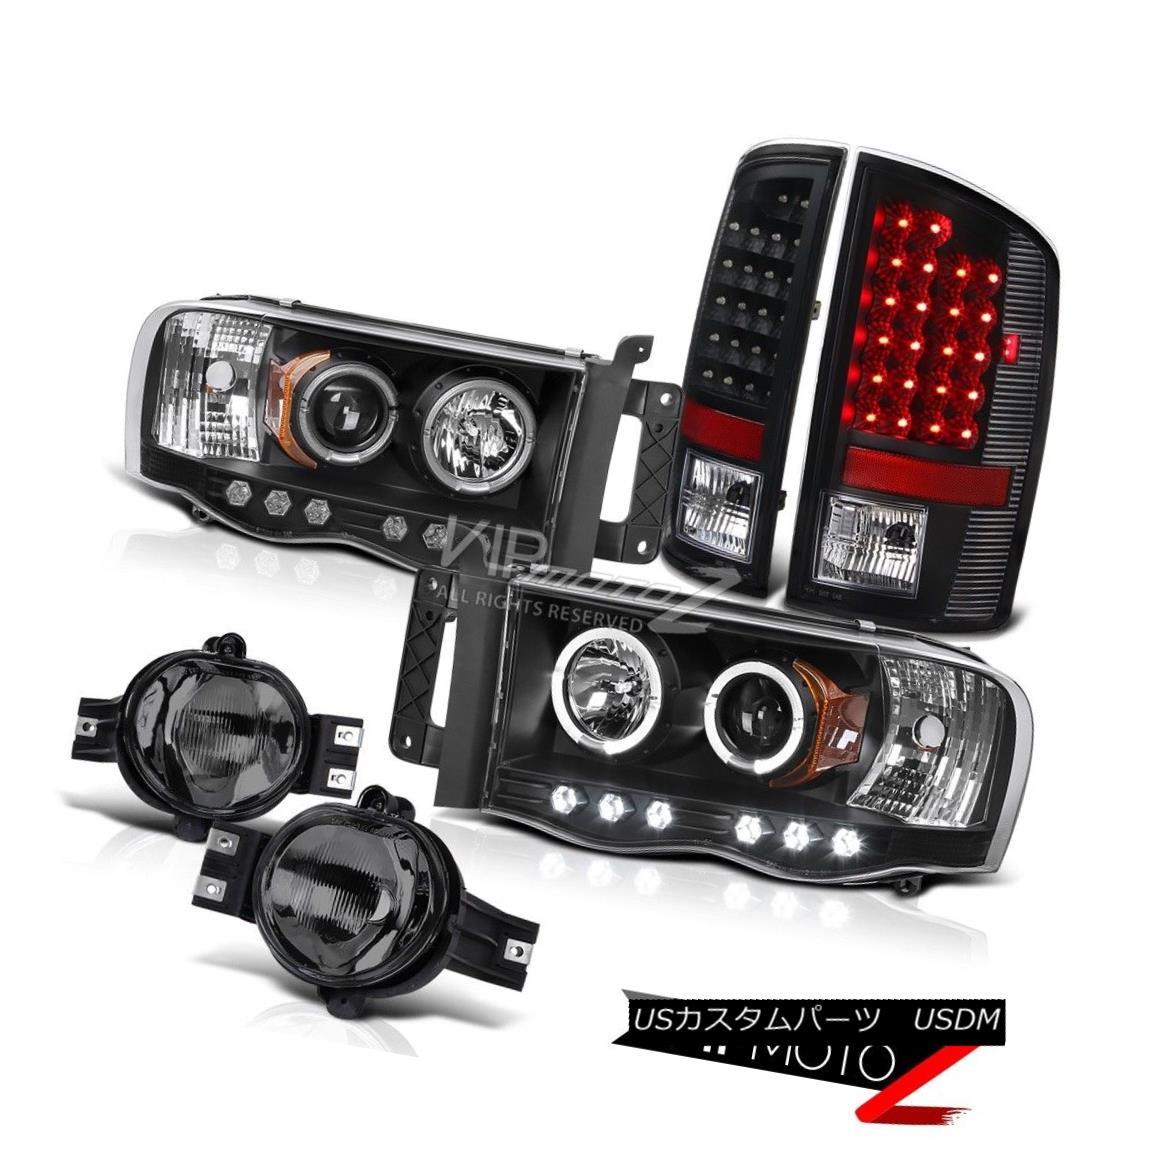 Full LED 3rd Third Tail Brake Light Rear Center Parking Lamp Black for 15-17 Chevy Suburban//Tahoe